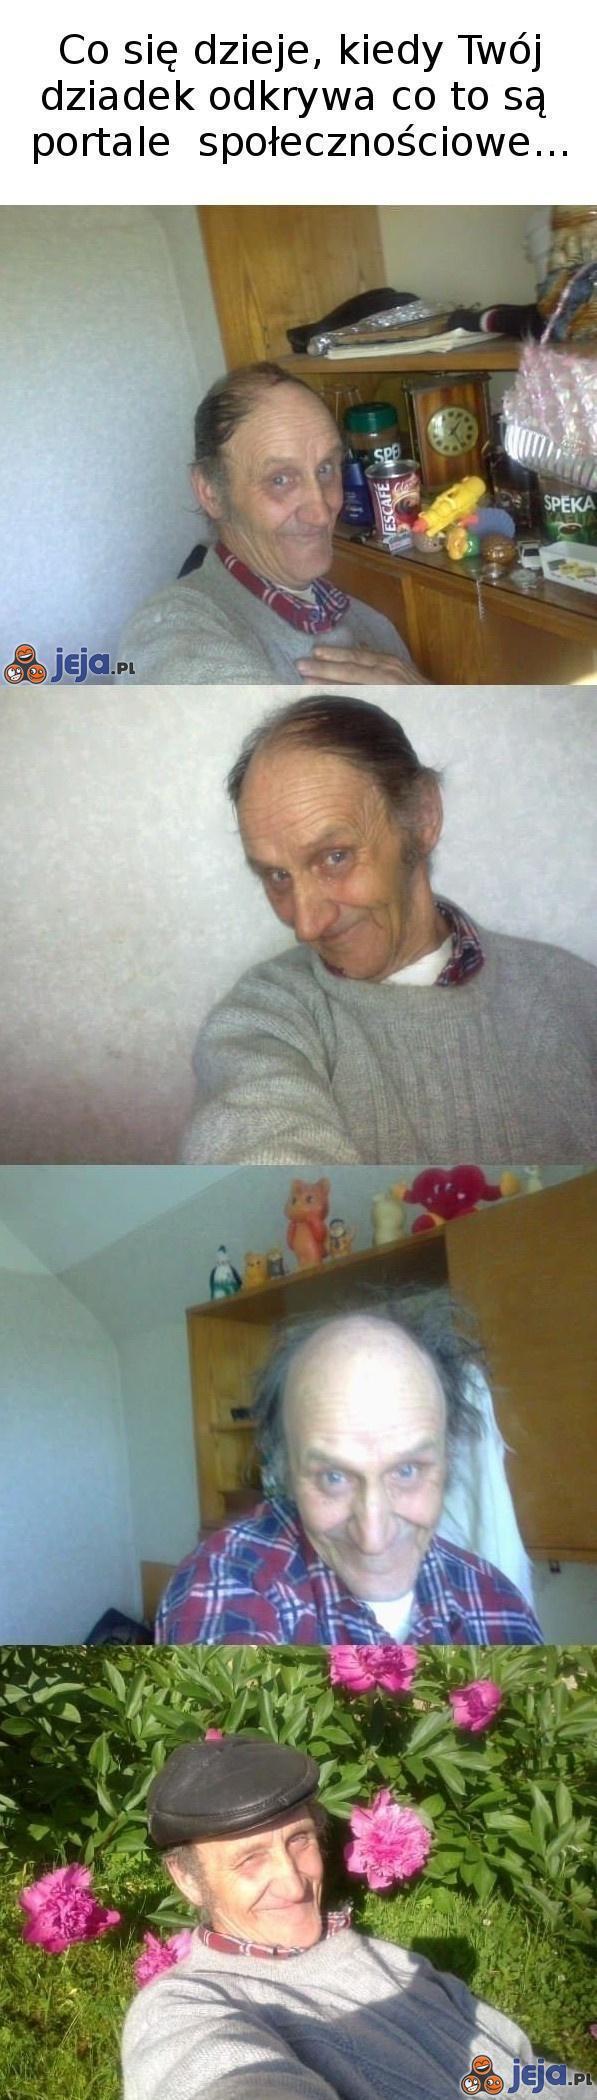 Dziadek na portalu społecznościowym